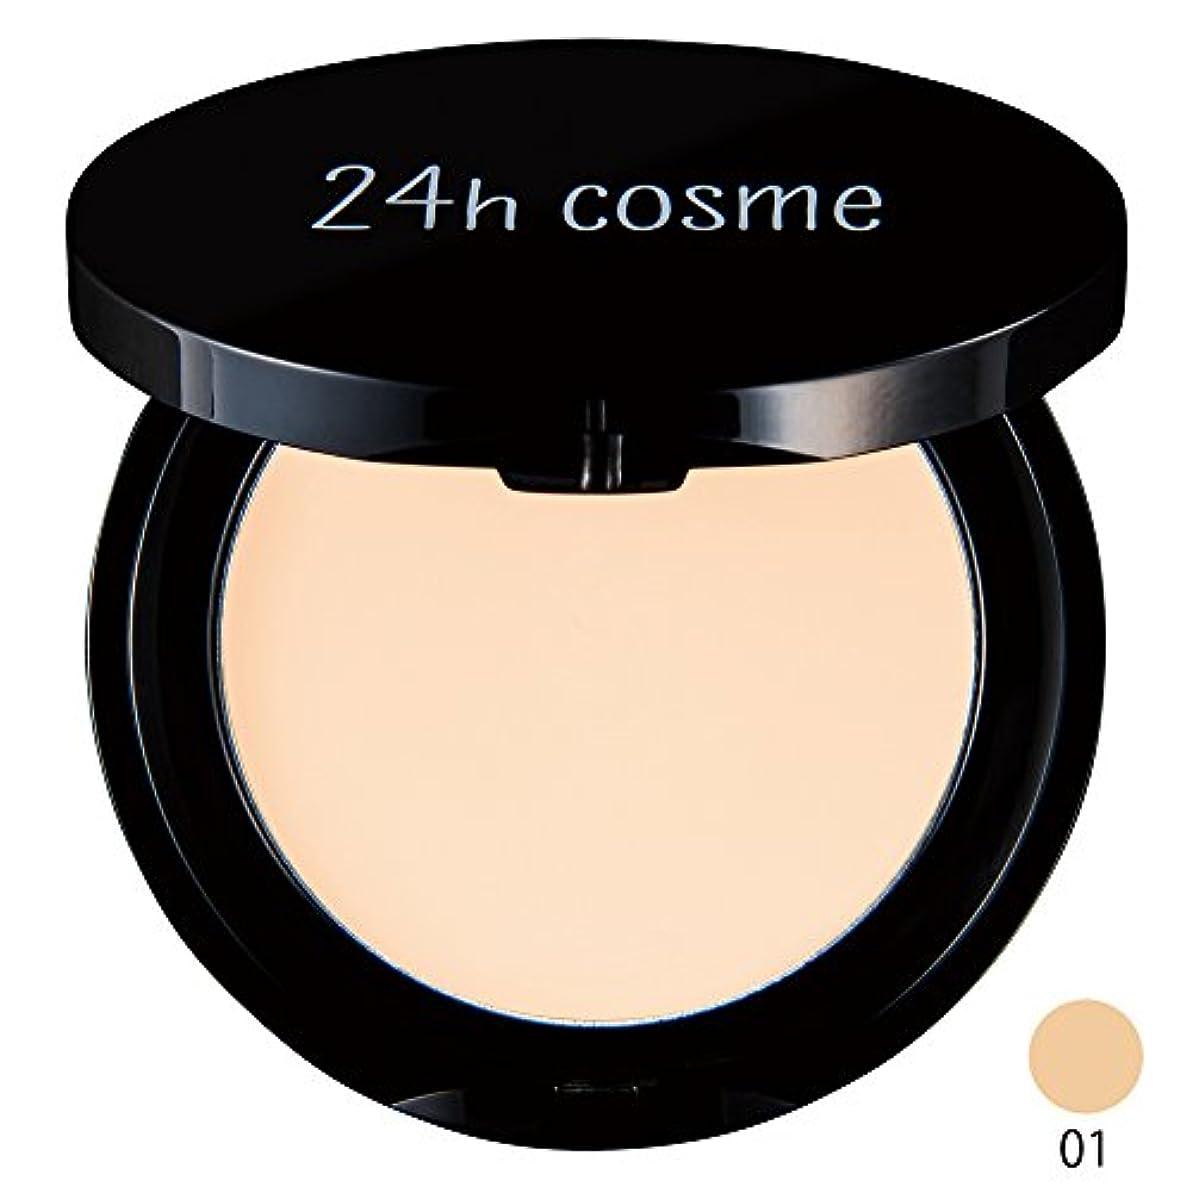 水分スキップ原稿24h cosme 24 ミネラルクリームファンデ 01ベリーライト SPF50+/PA++++